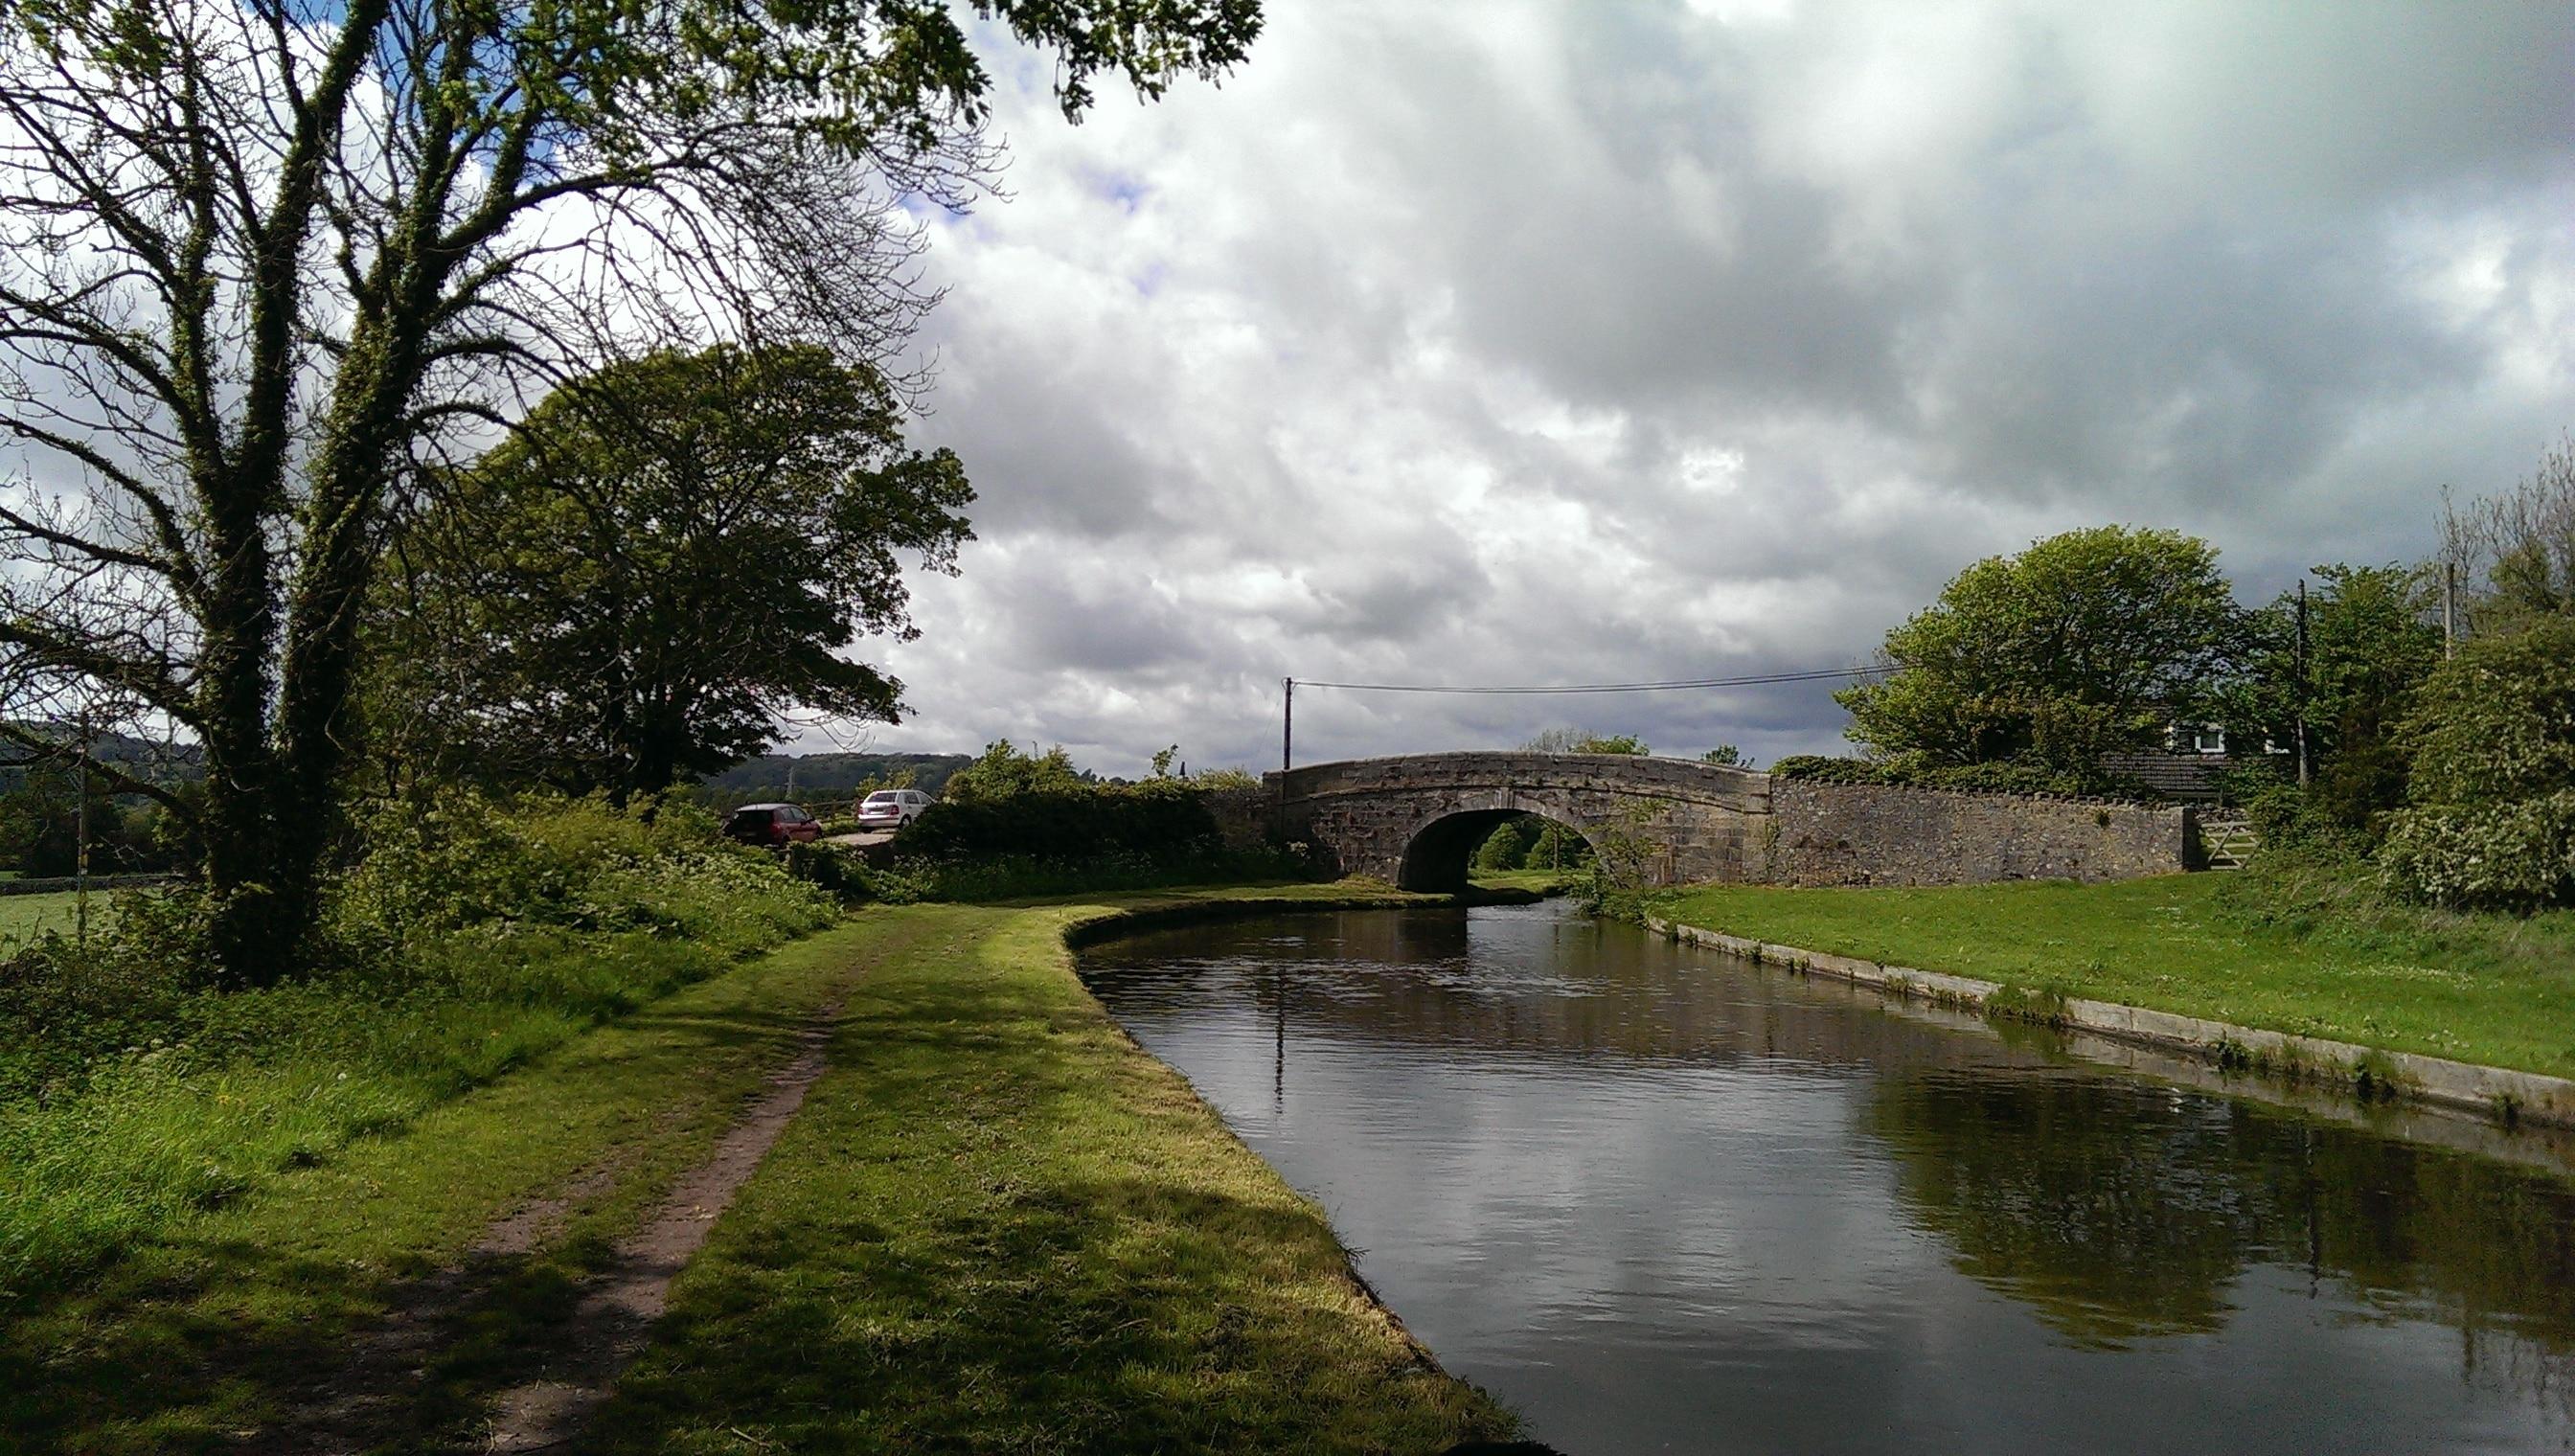 Tewitfield, Carnforth, England, United Kingdom